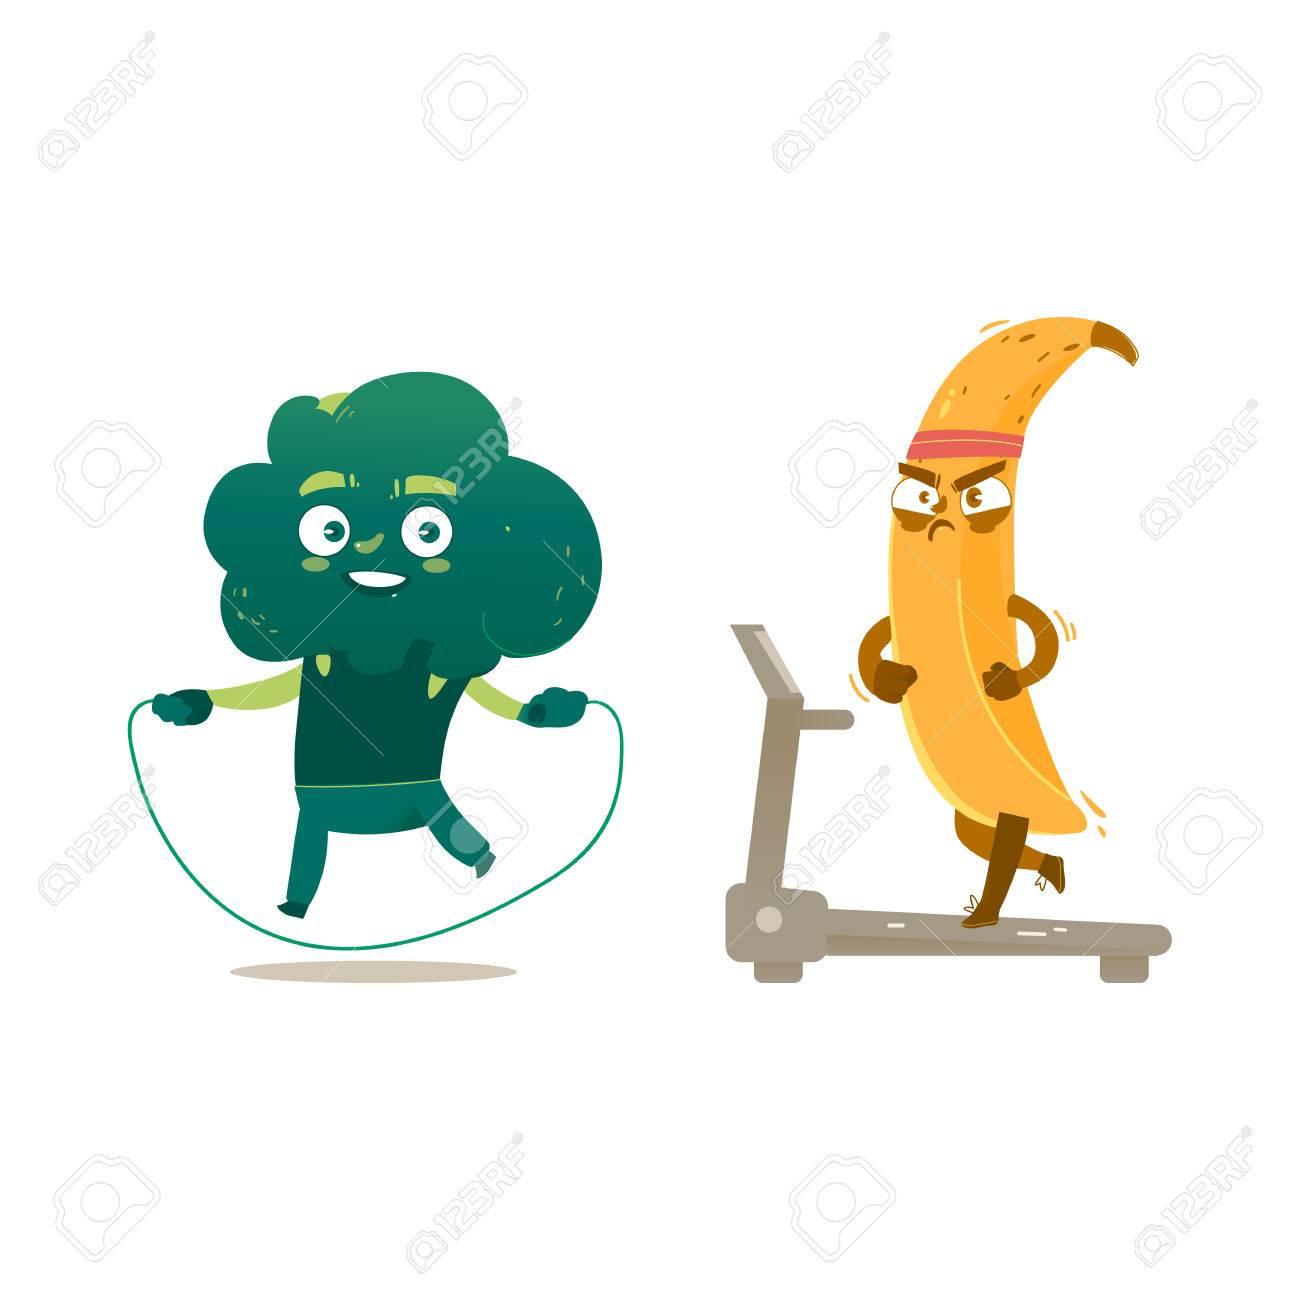 Caracteres De Brocoli Et Banane Drole Faire Des Exercices De Sport Sauter Et Courir Illustration De Vecteur De Dessin Anime Isole Sur Fond Blanc Droles De Brocolis Et De Bananes Formation